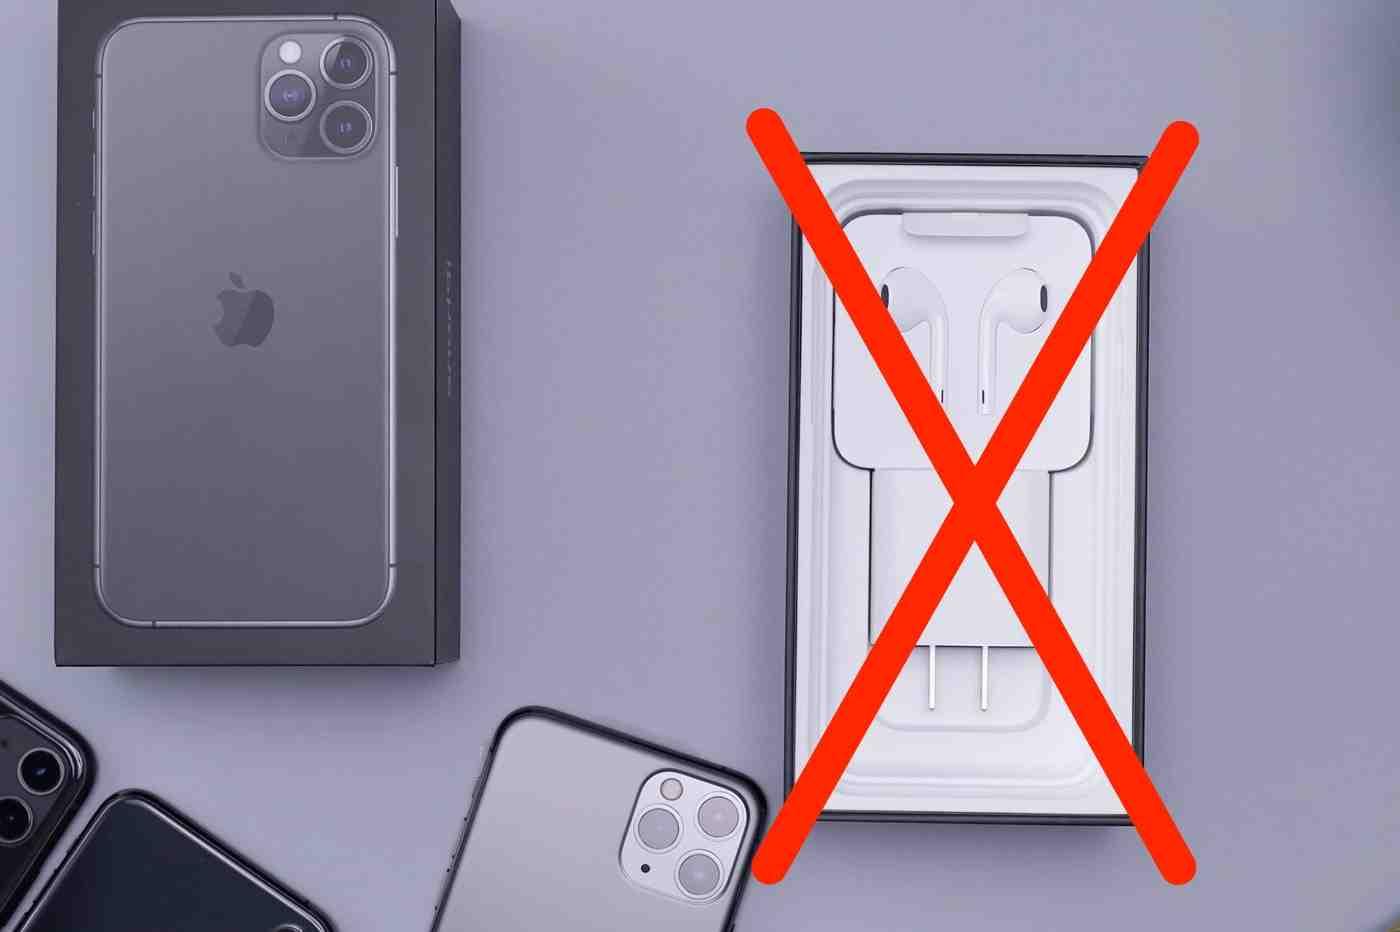 Comment charger son téléphone si on a pas de chargeur ?